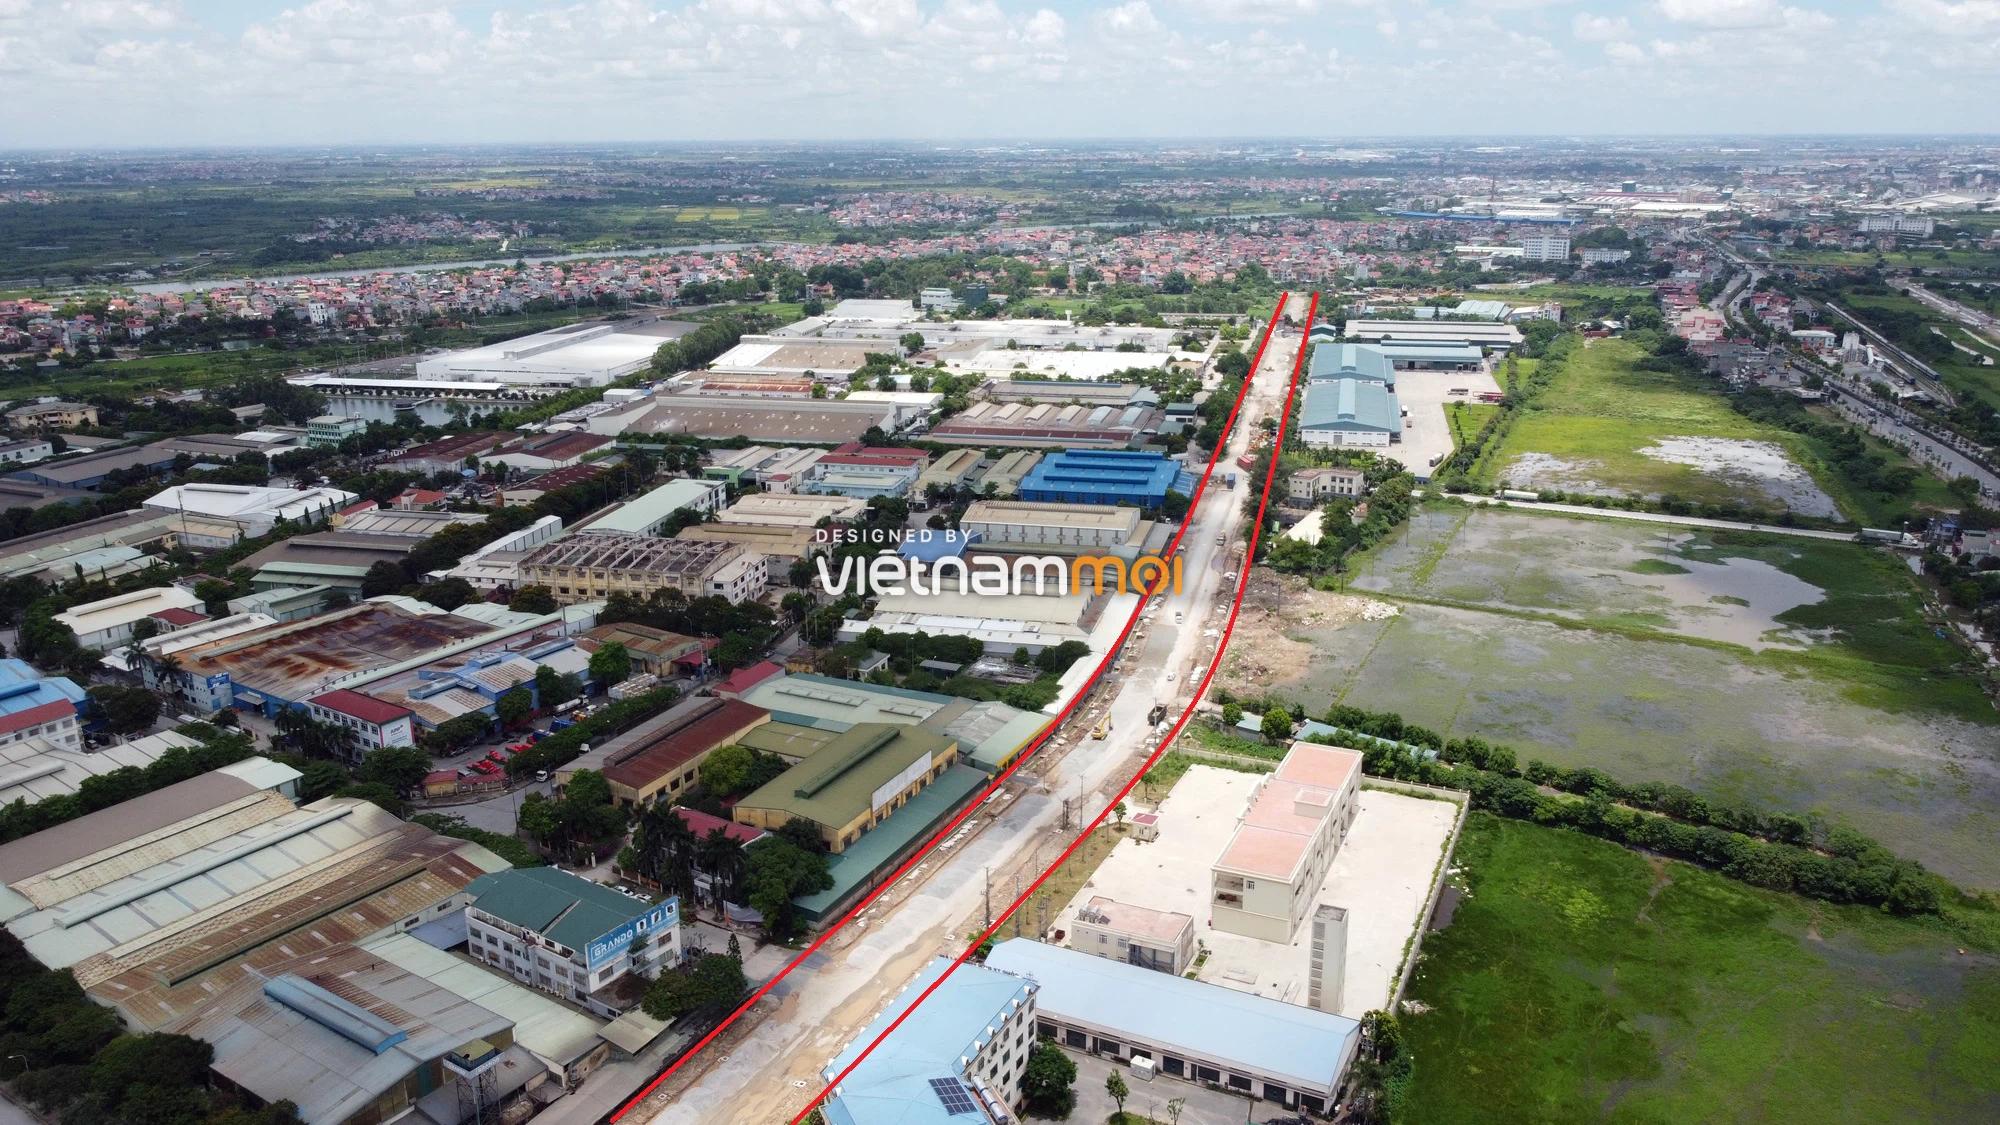 Toàn cảnh tuyến đường từ KĐT Đặng Xá đến chân cầu vượt Phú Thị đang mở theo quy hoạch ở Hà Nội - Ảnh 6.